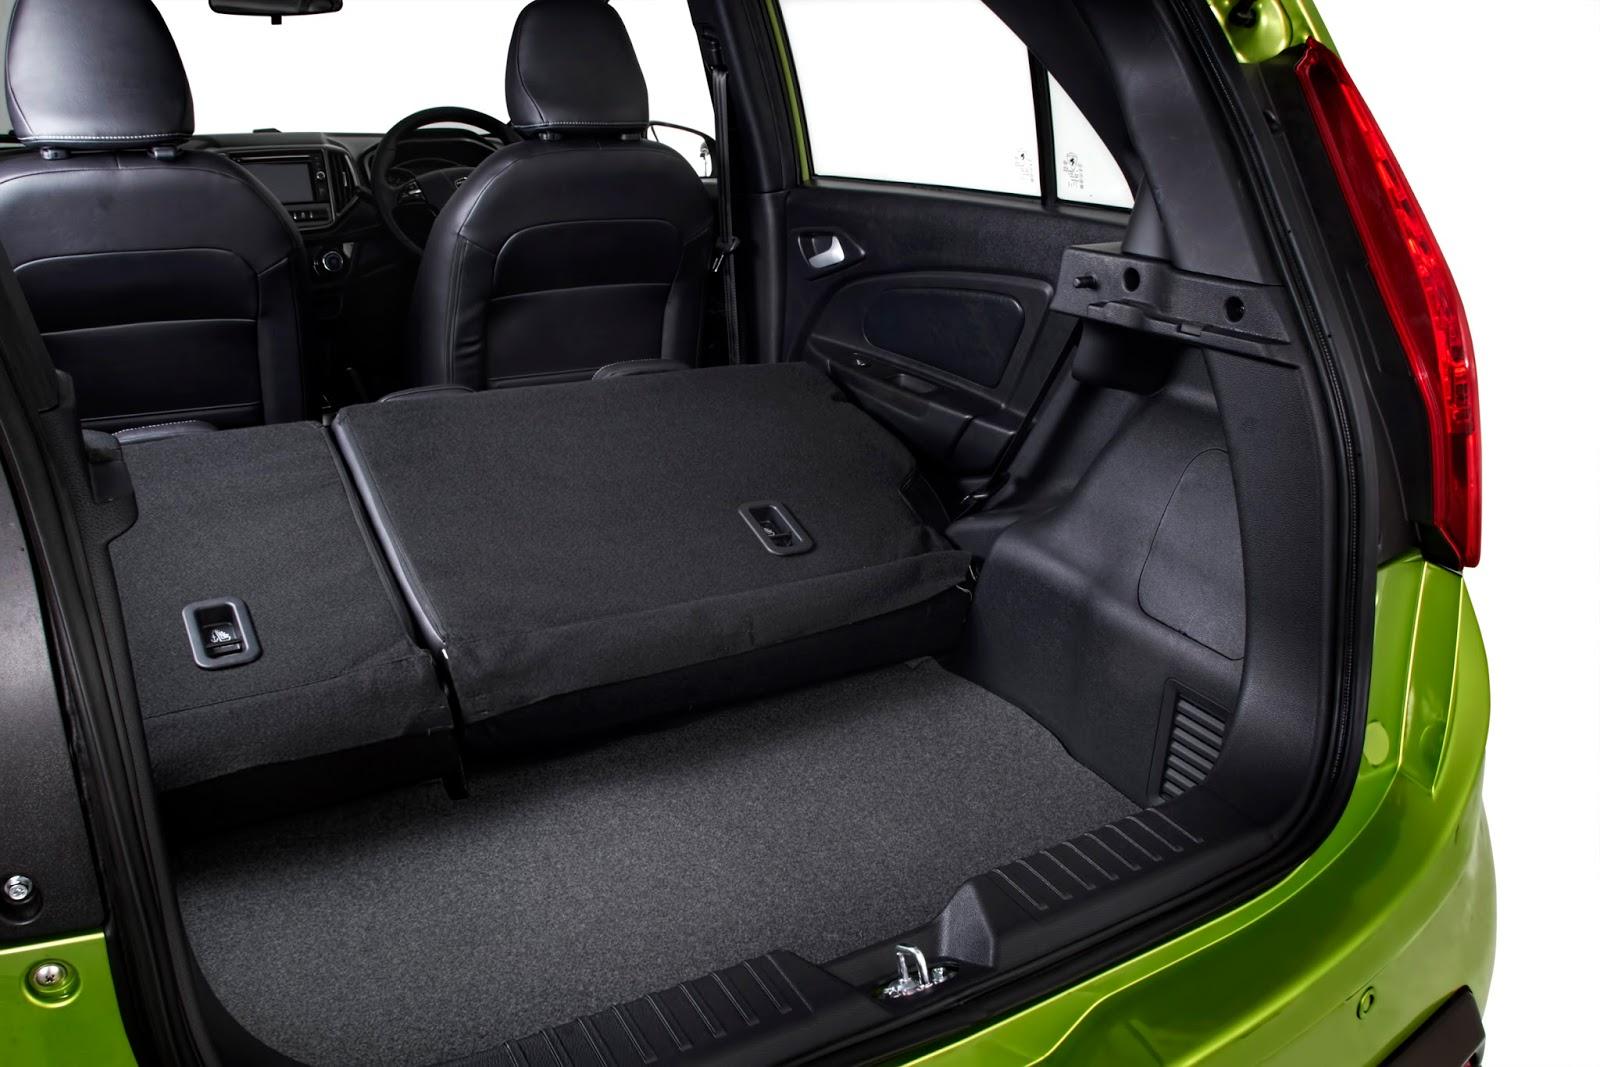 Proton Compact Car IRIZ Tak beli lagi tak tau lah dah beli baru tau hebat dia